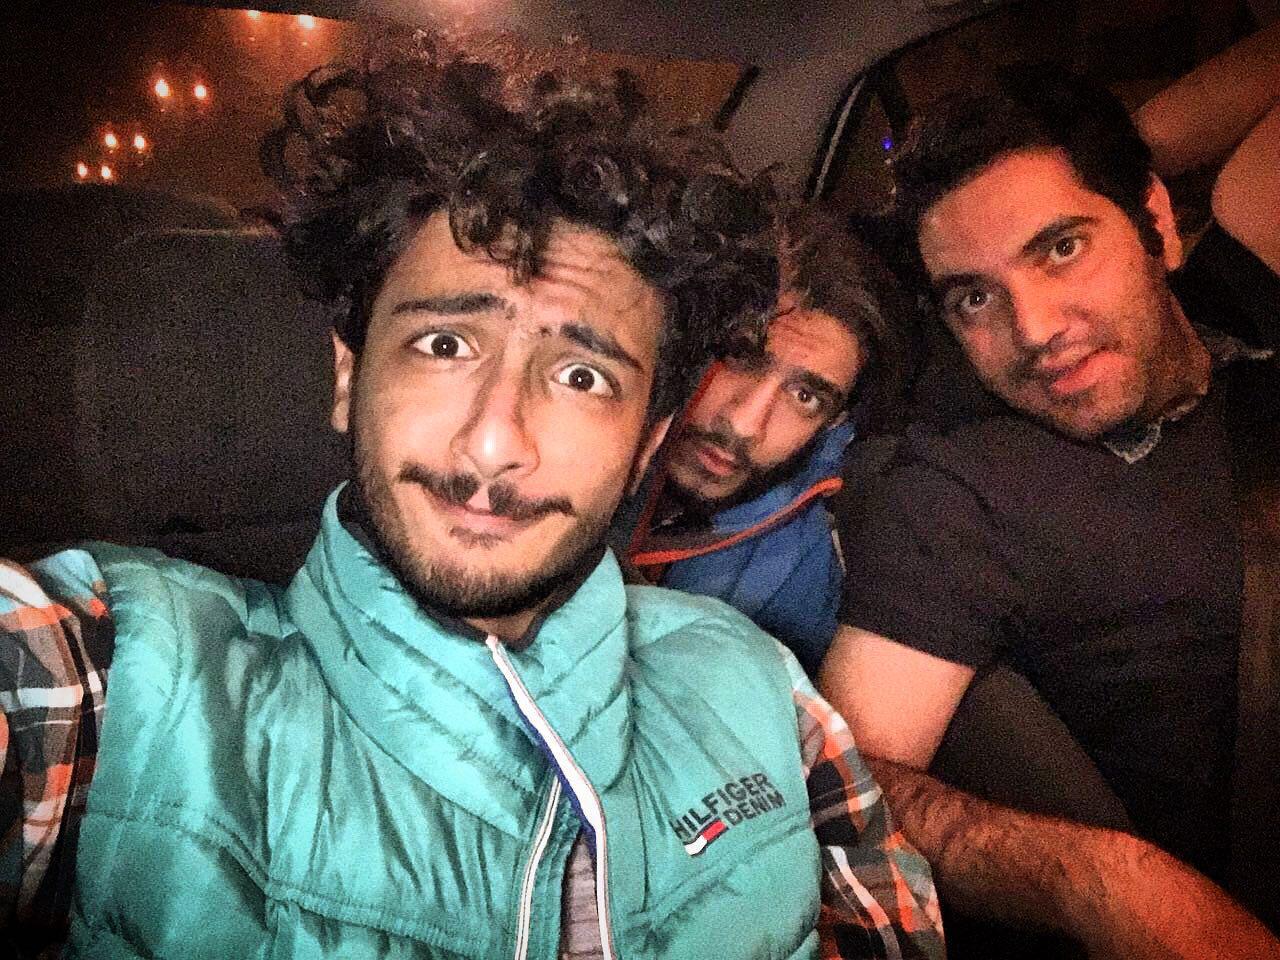 کلیپ خنده دار مبین ام دی و محمد